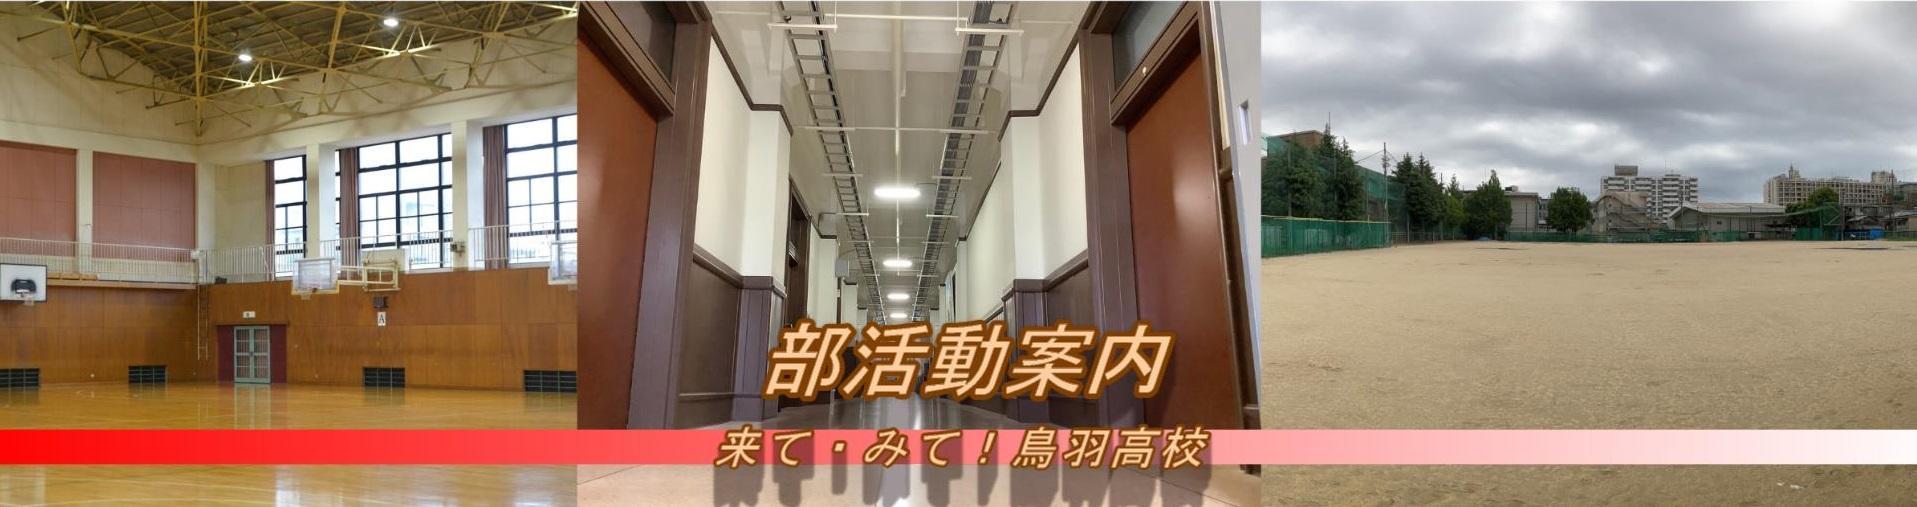 210615_部活動案内パノラマ②.jpg